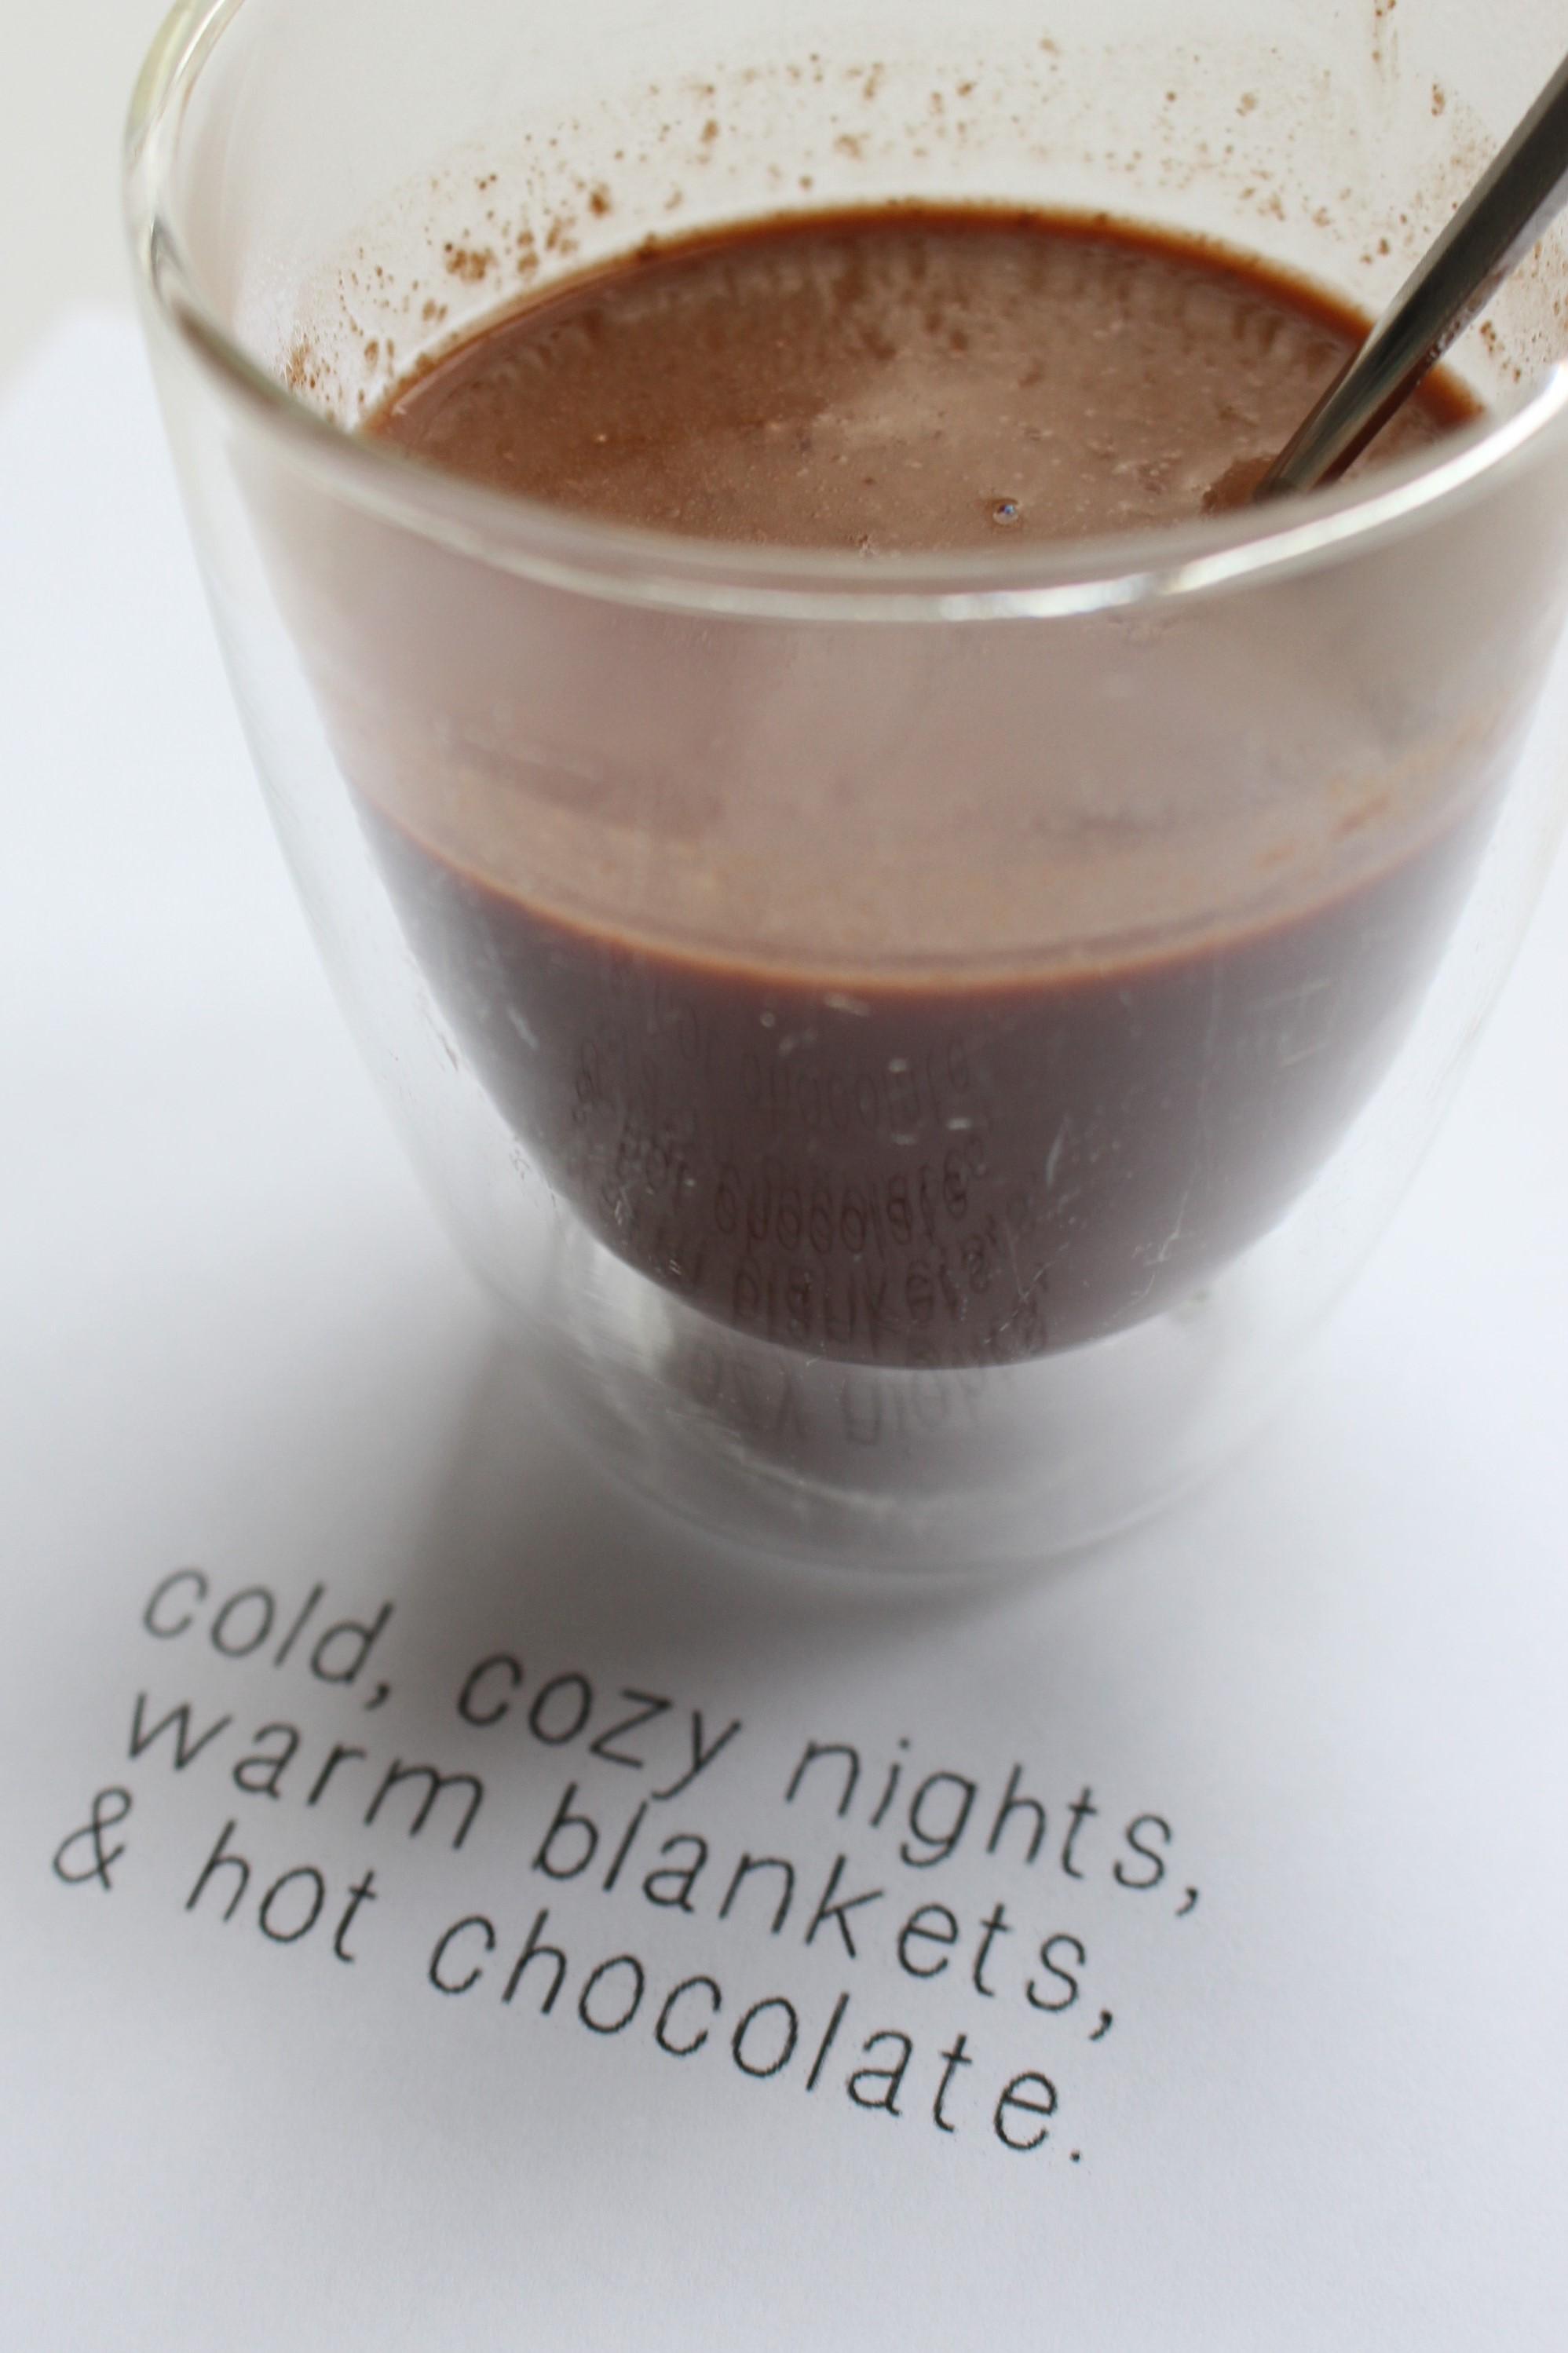 zelf gemaakte chocolademelk met de quote cold, cozy nights, warm blankets, & hot chocolate